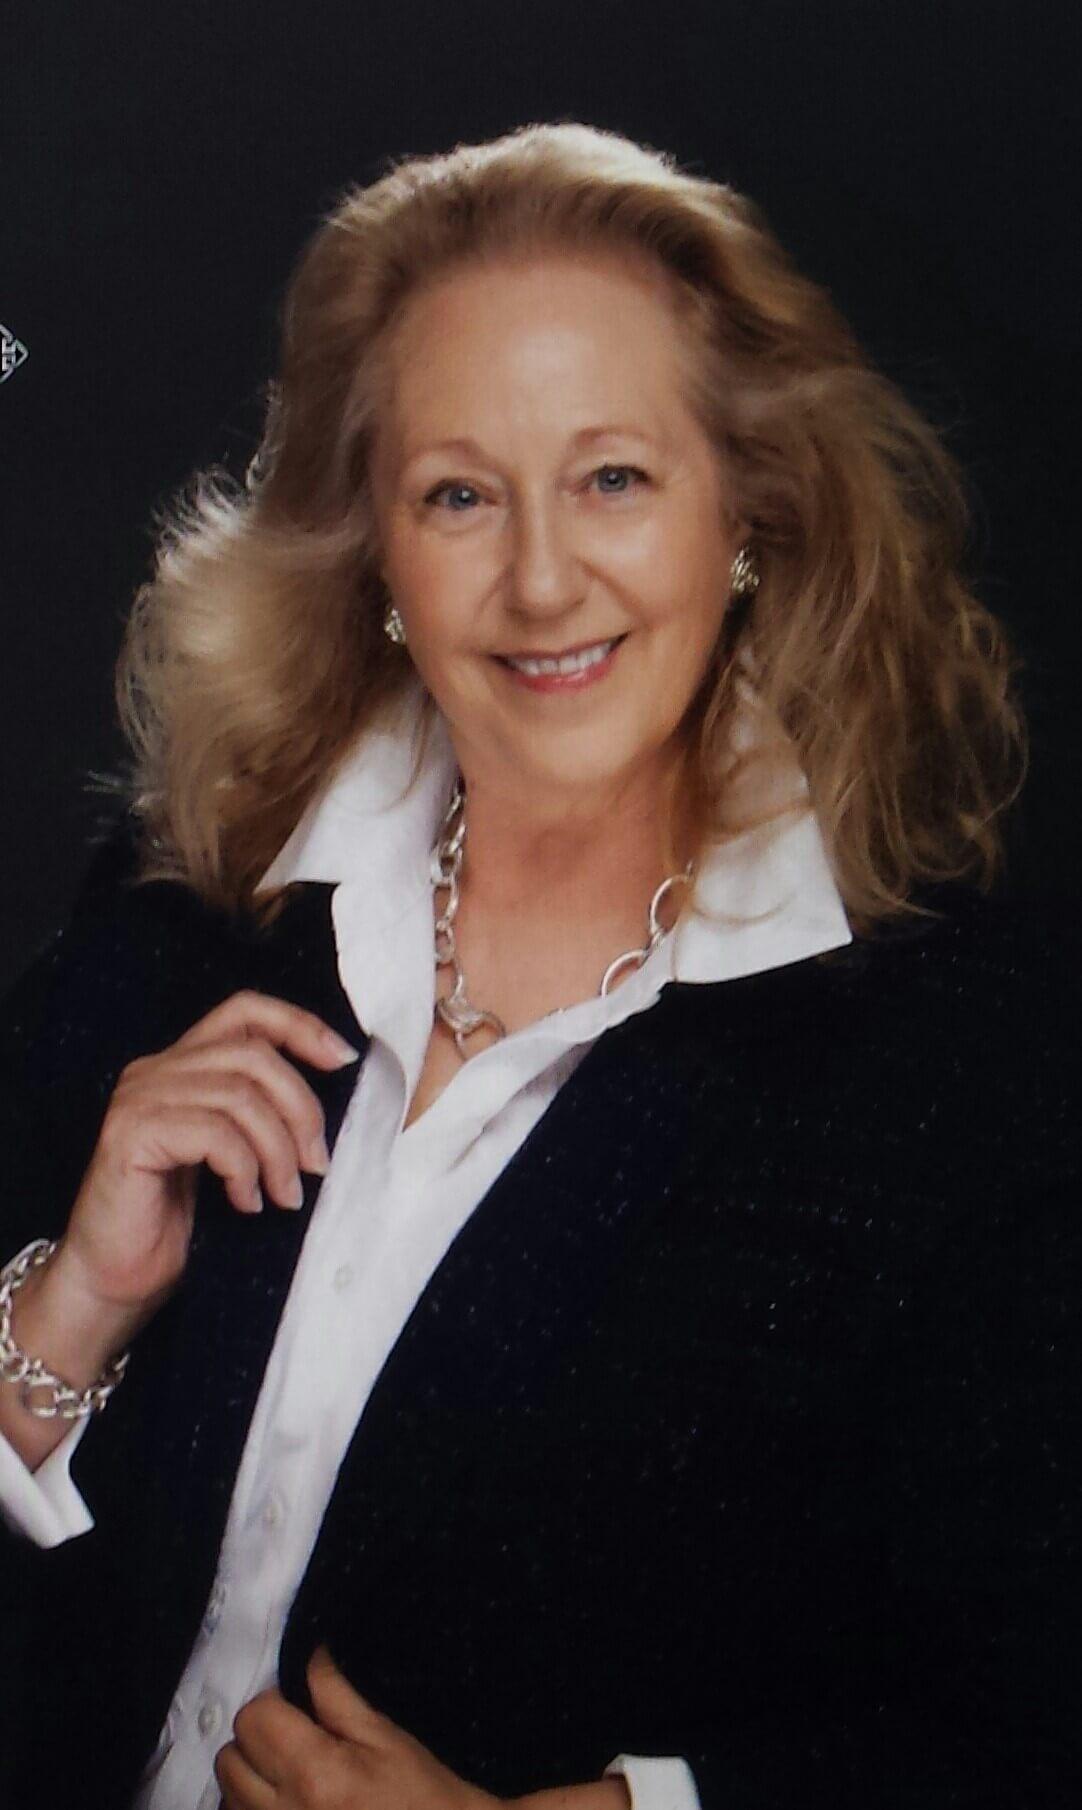 Colleen Rasmussen